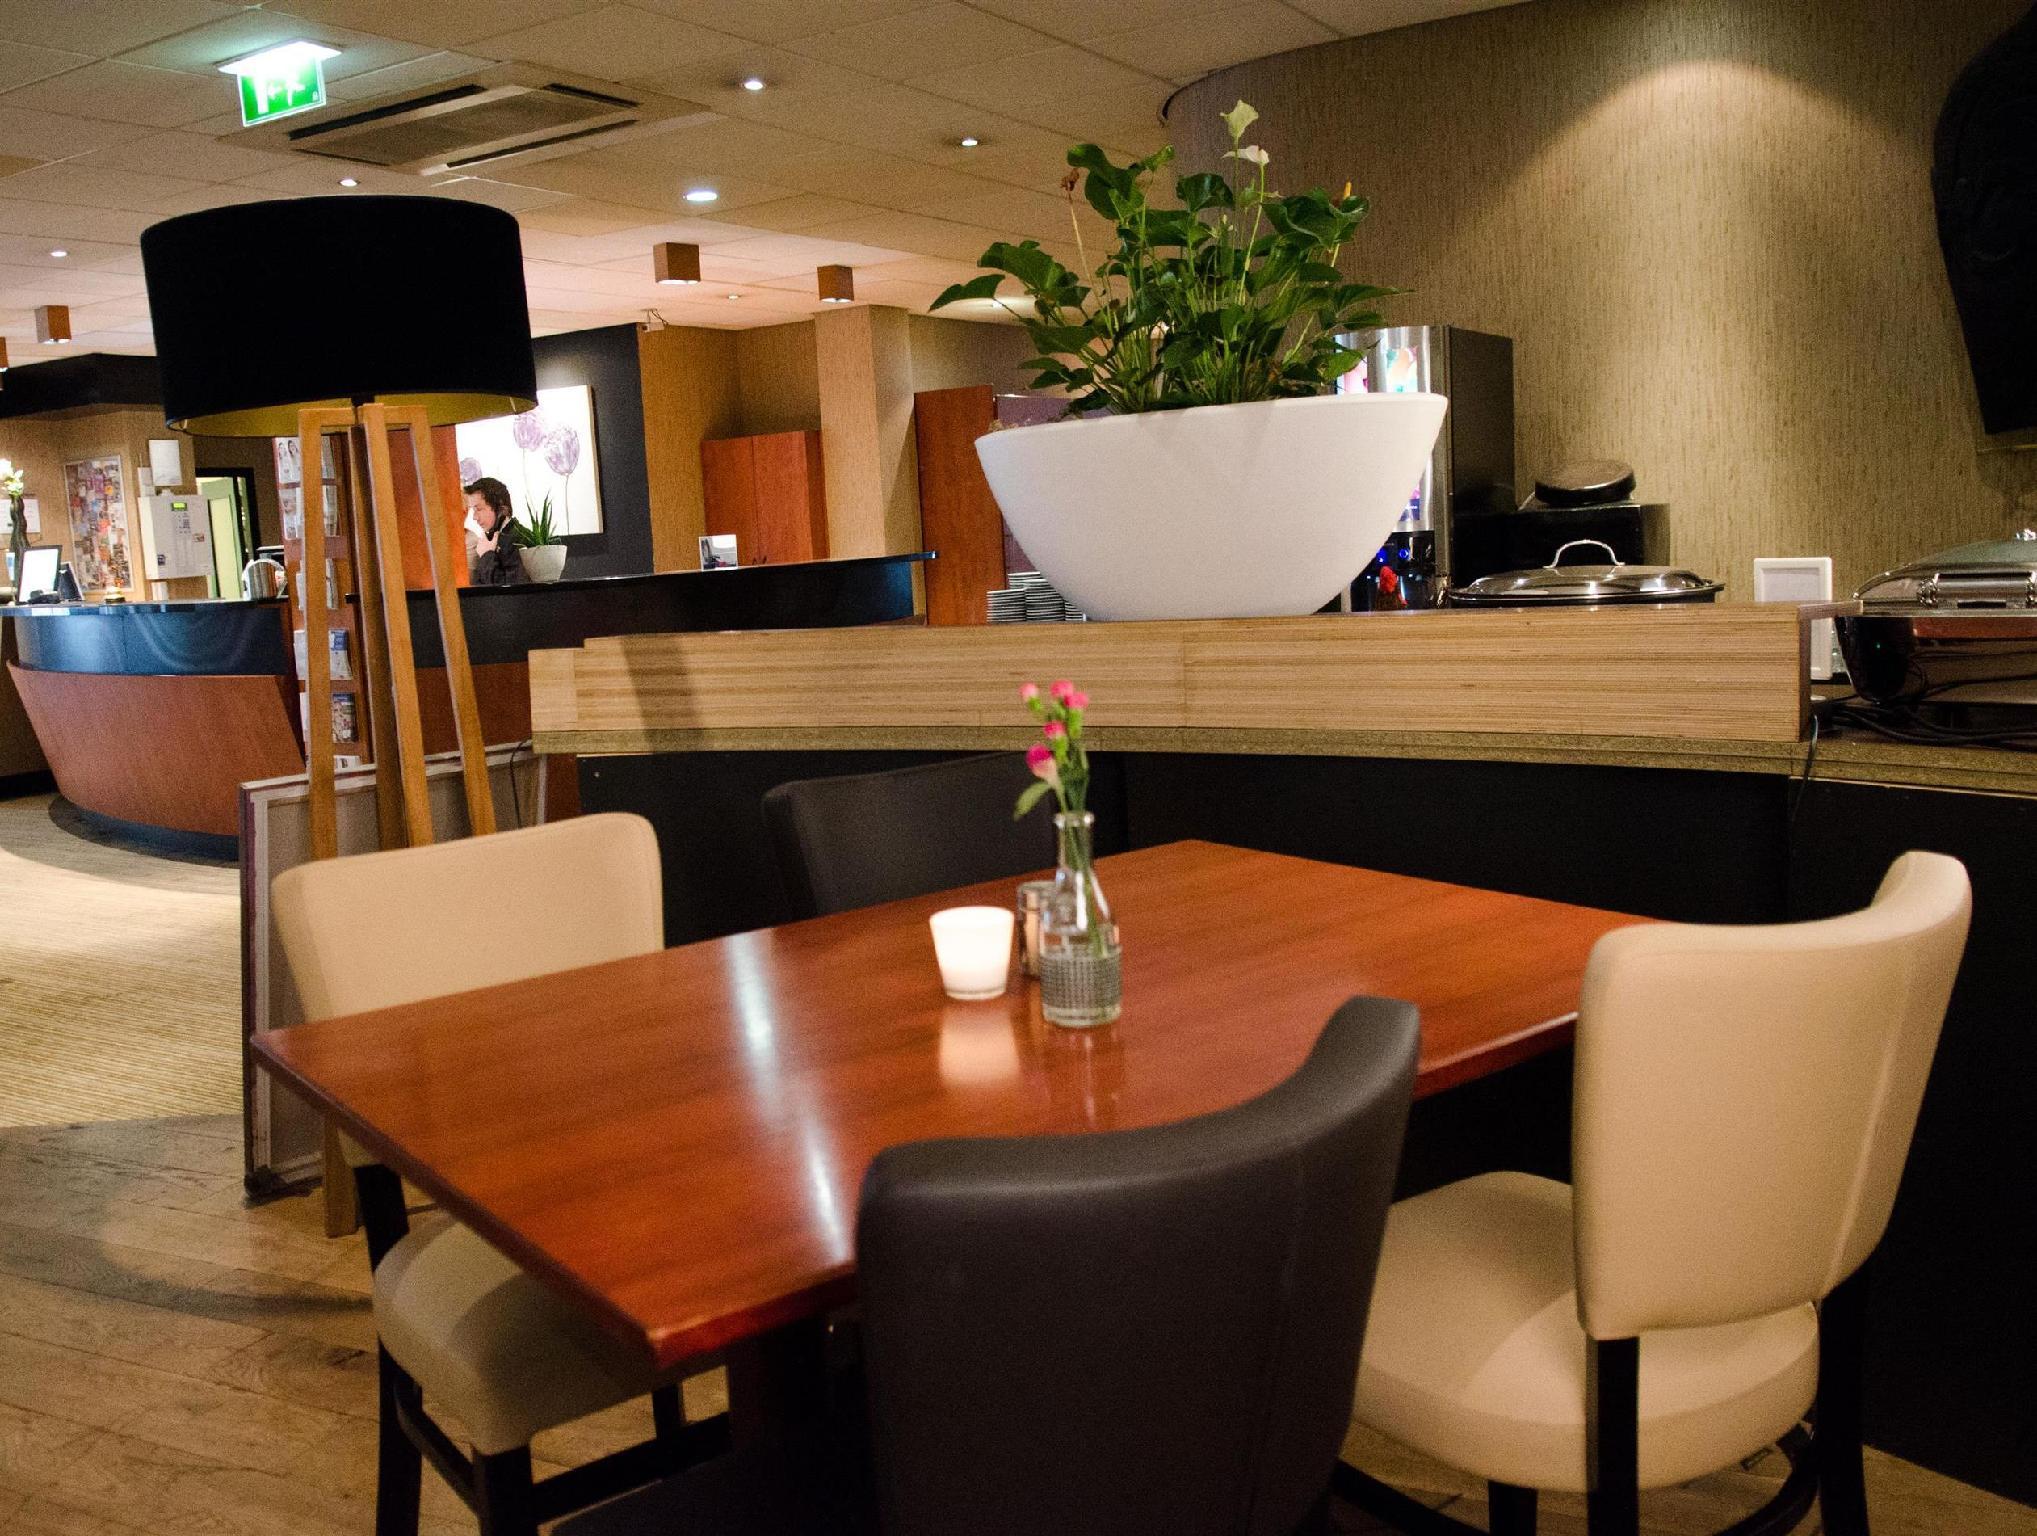 Fletcher Hotel Restaurant Weert  Former Golden Tulip Weert